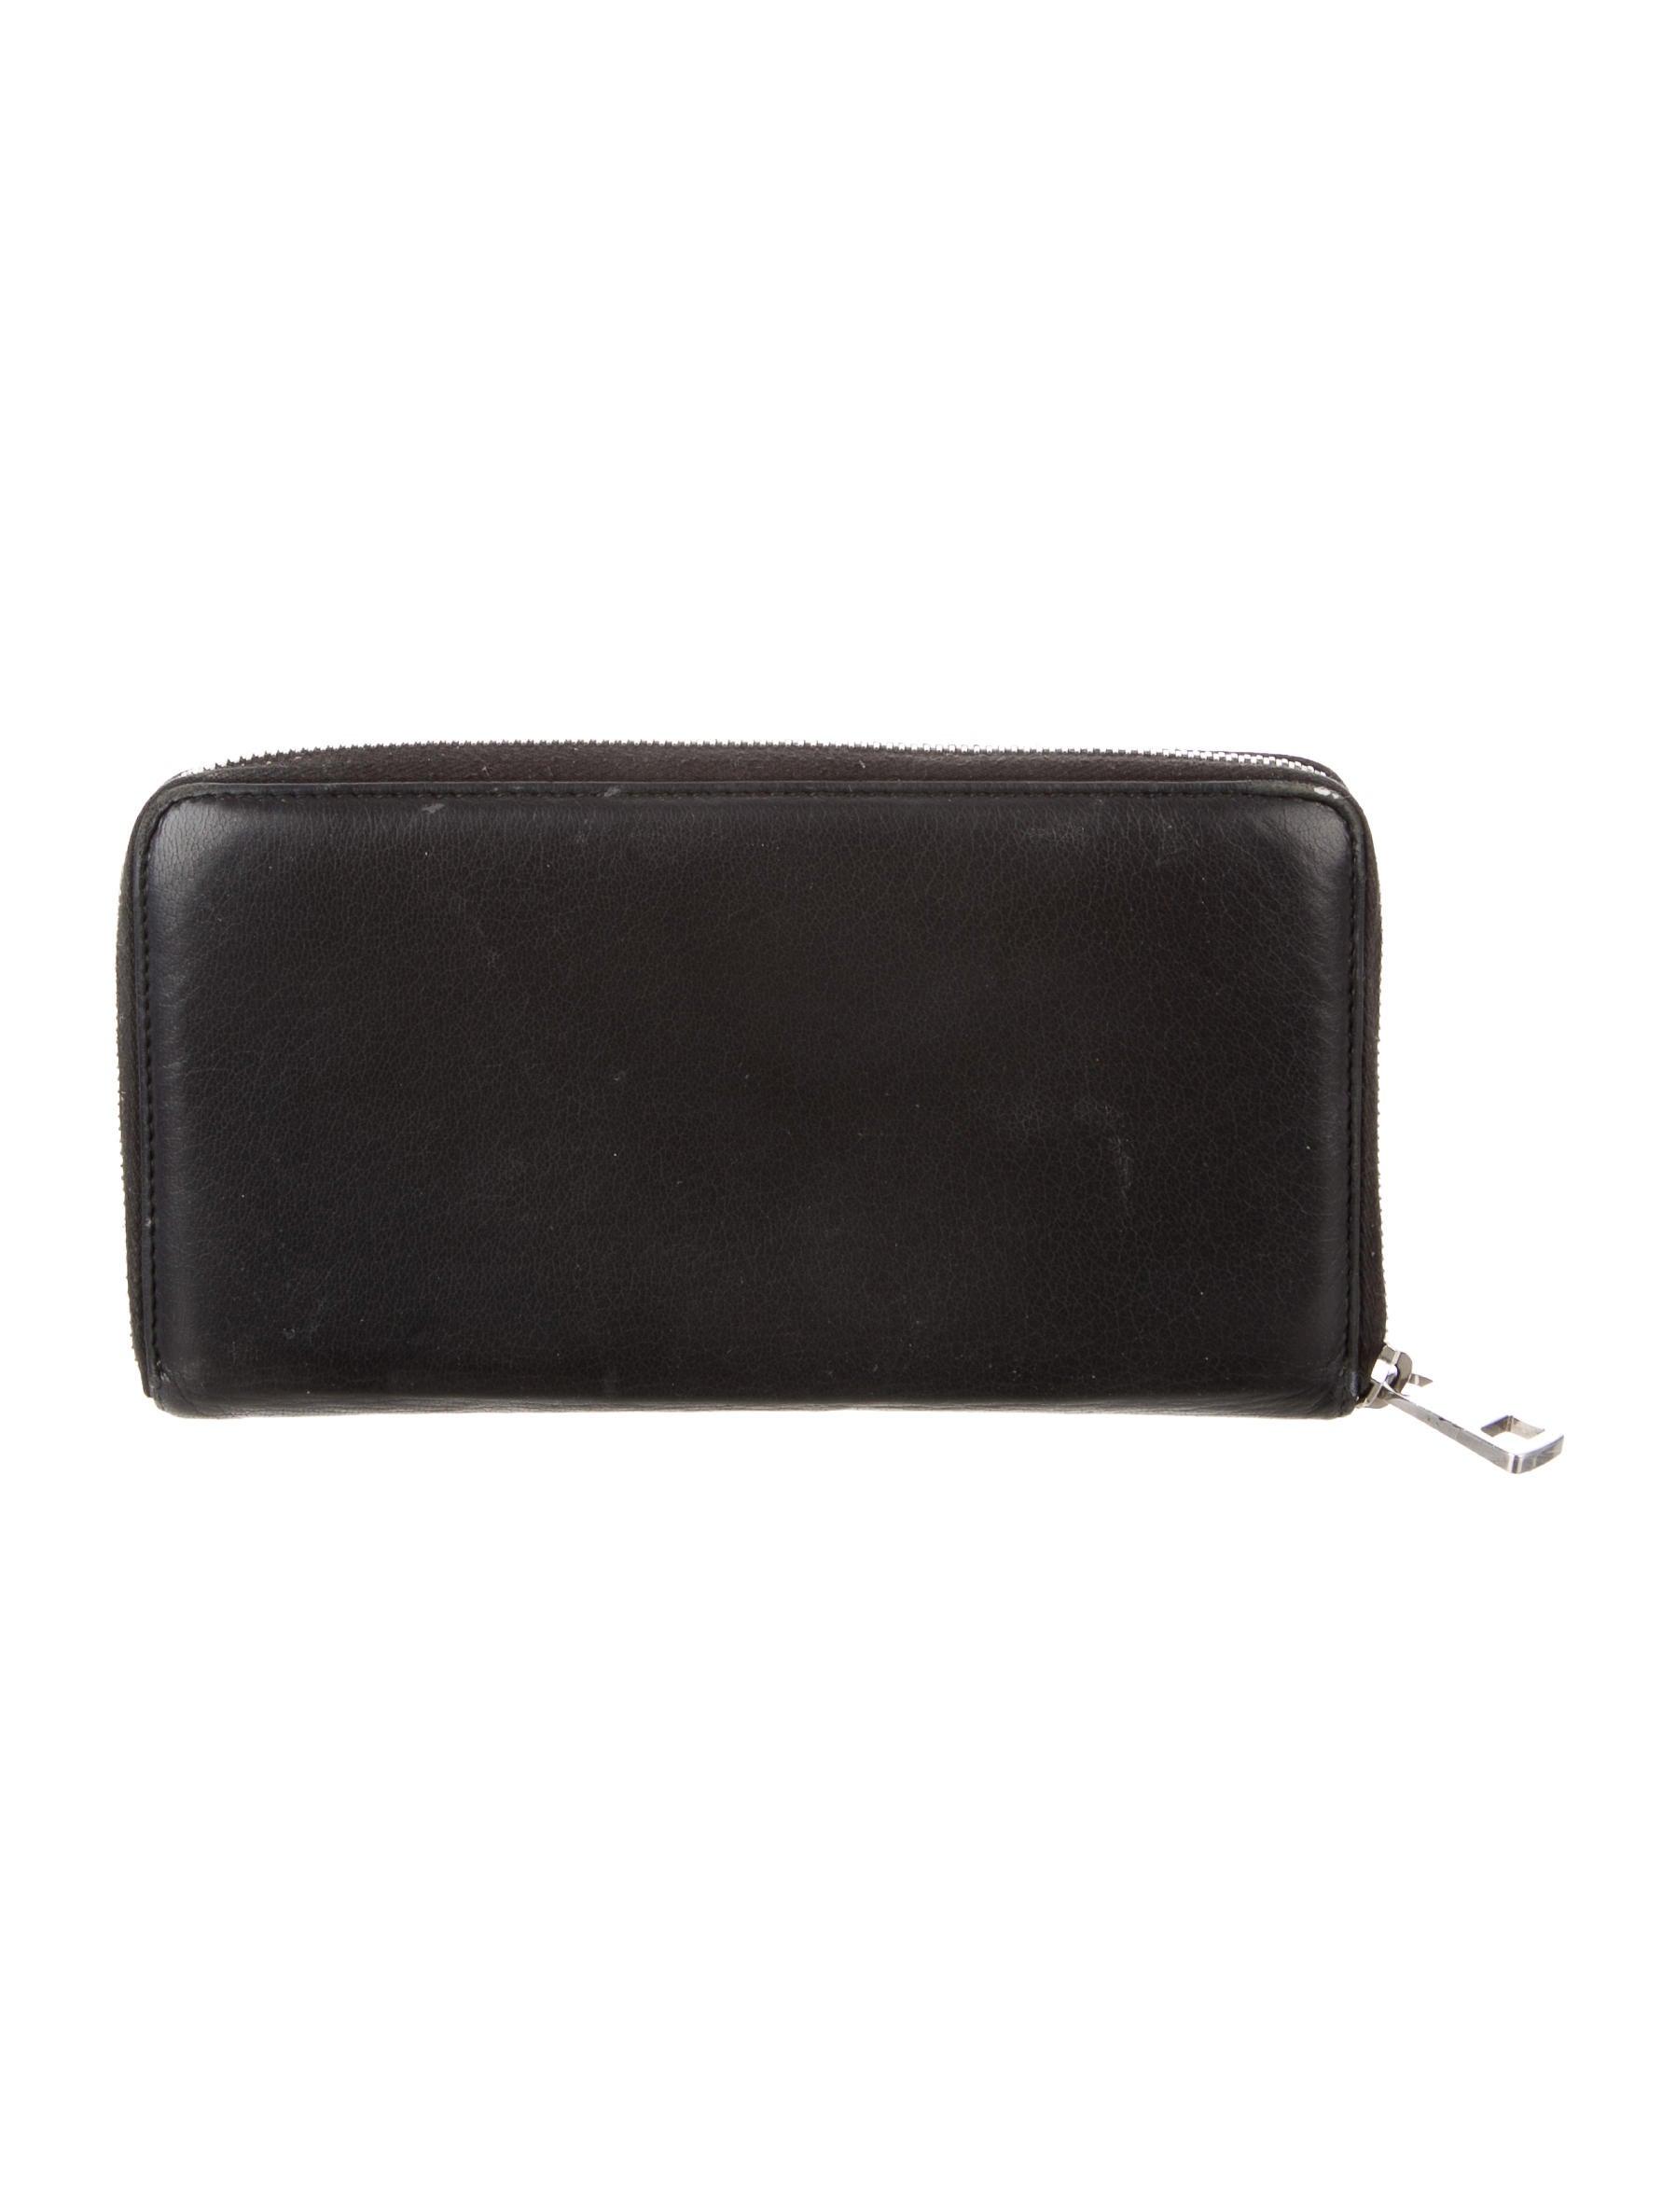 509301fffc87 Gucci Soho Travel Zip Around Wallet | Stanford Center for ...